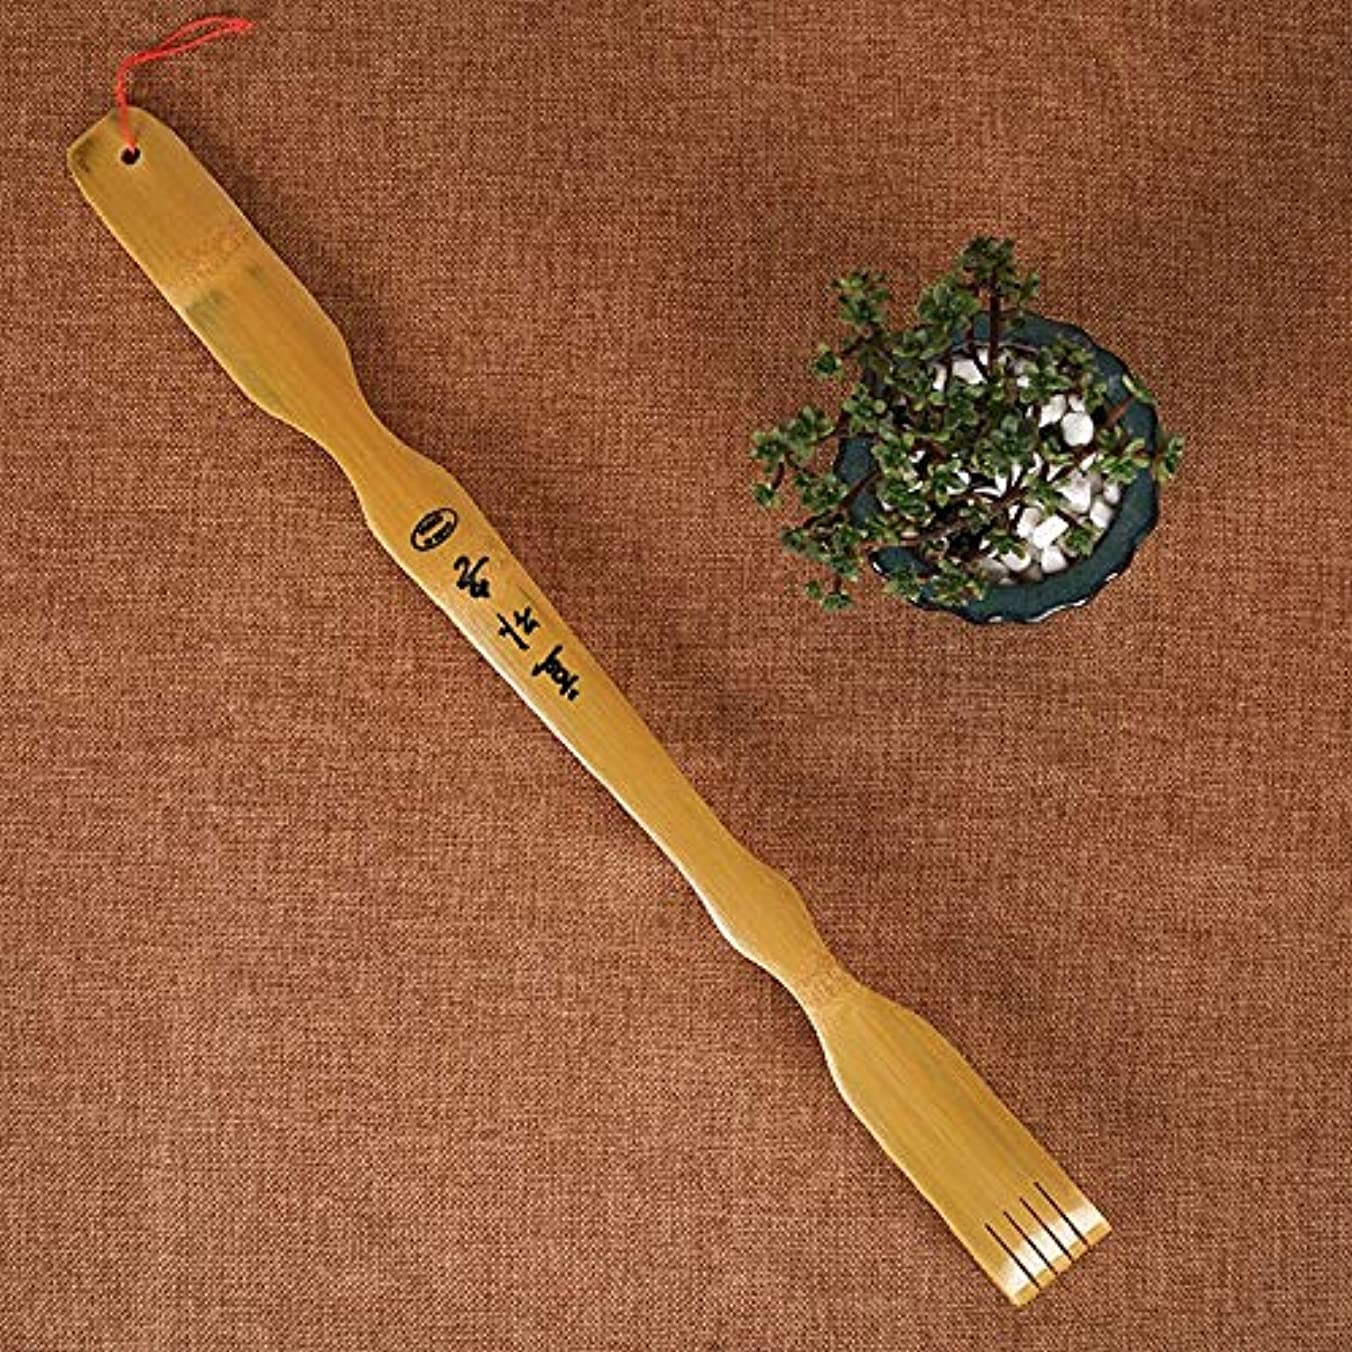 影のあるブラインド赤Ruby背中掻きブラシ 竹製 まごのて 敬老の日 プレゼント高人気 背中かゆみを止め マッサージ用